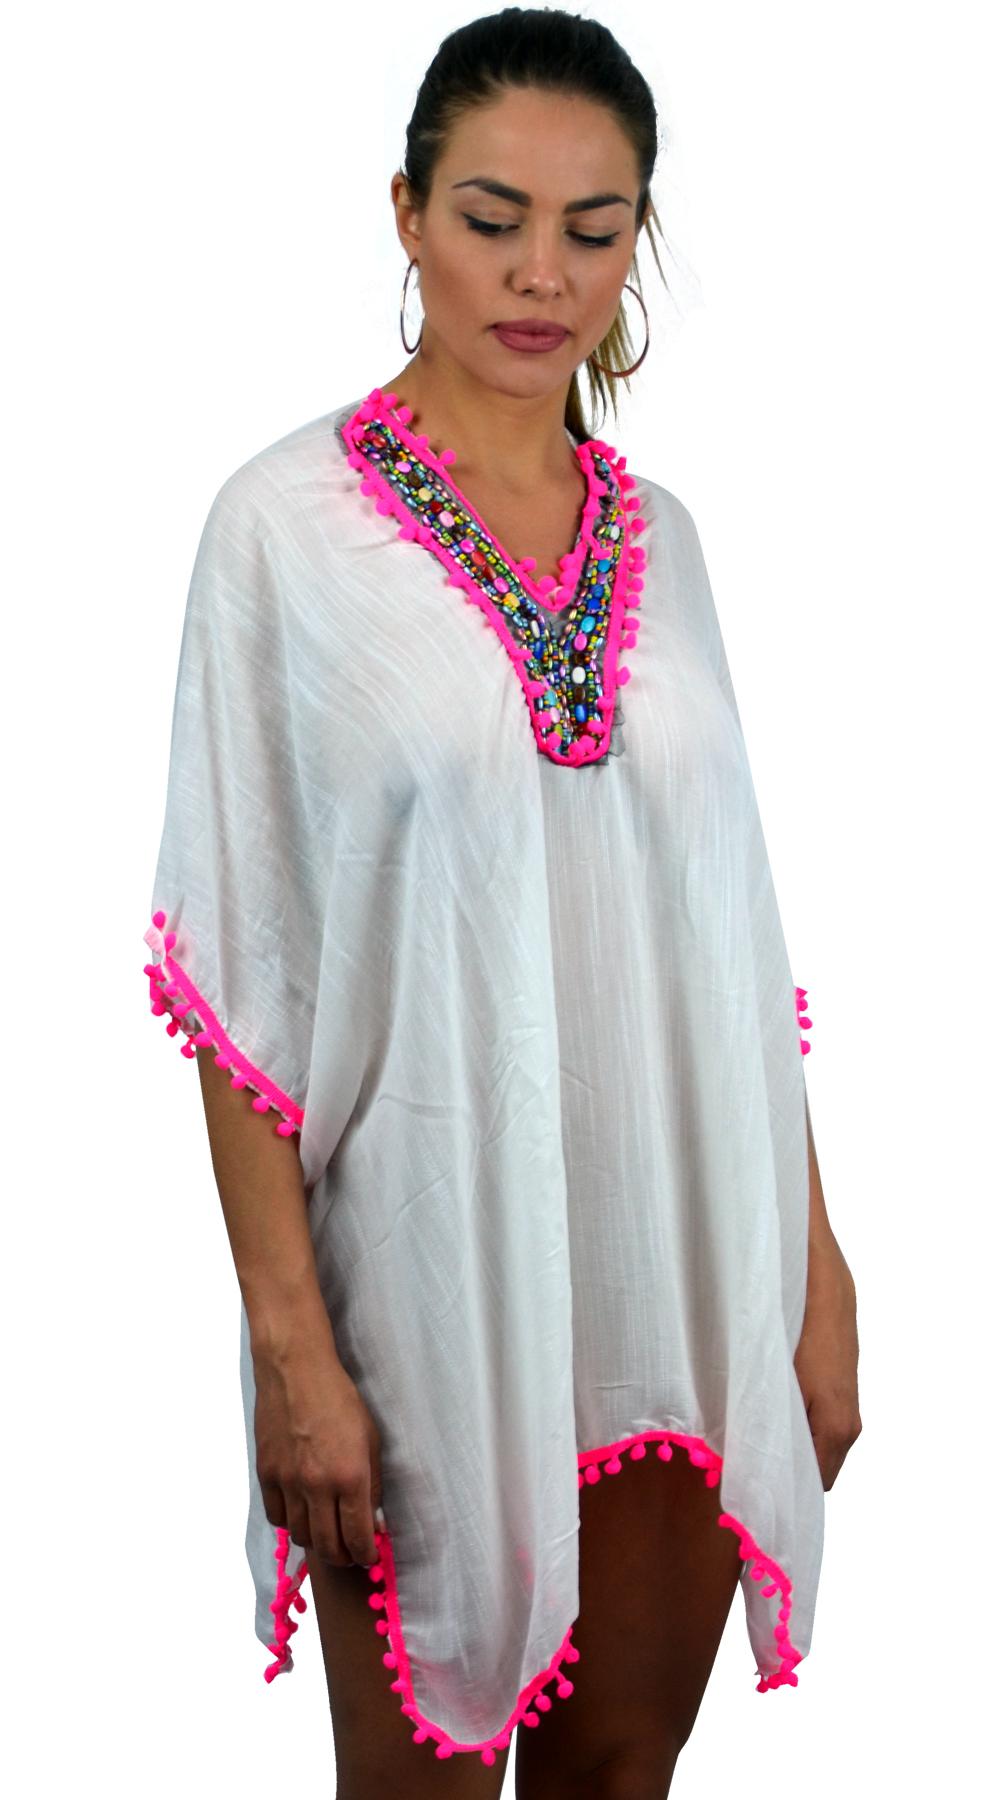 Γυναικείο έθνικ καφτάνι με πολύχρωμα pom poms - OEM - S17SOF-82782 top trends boho style